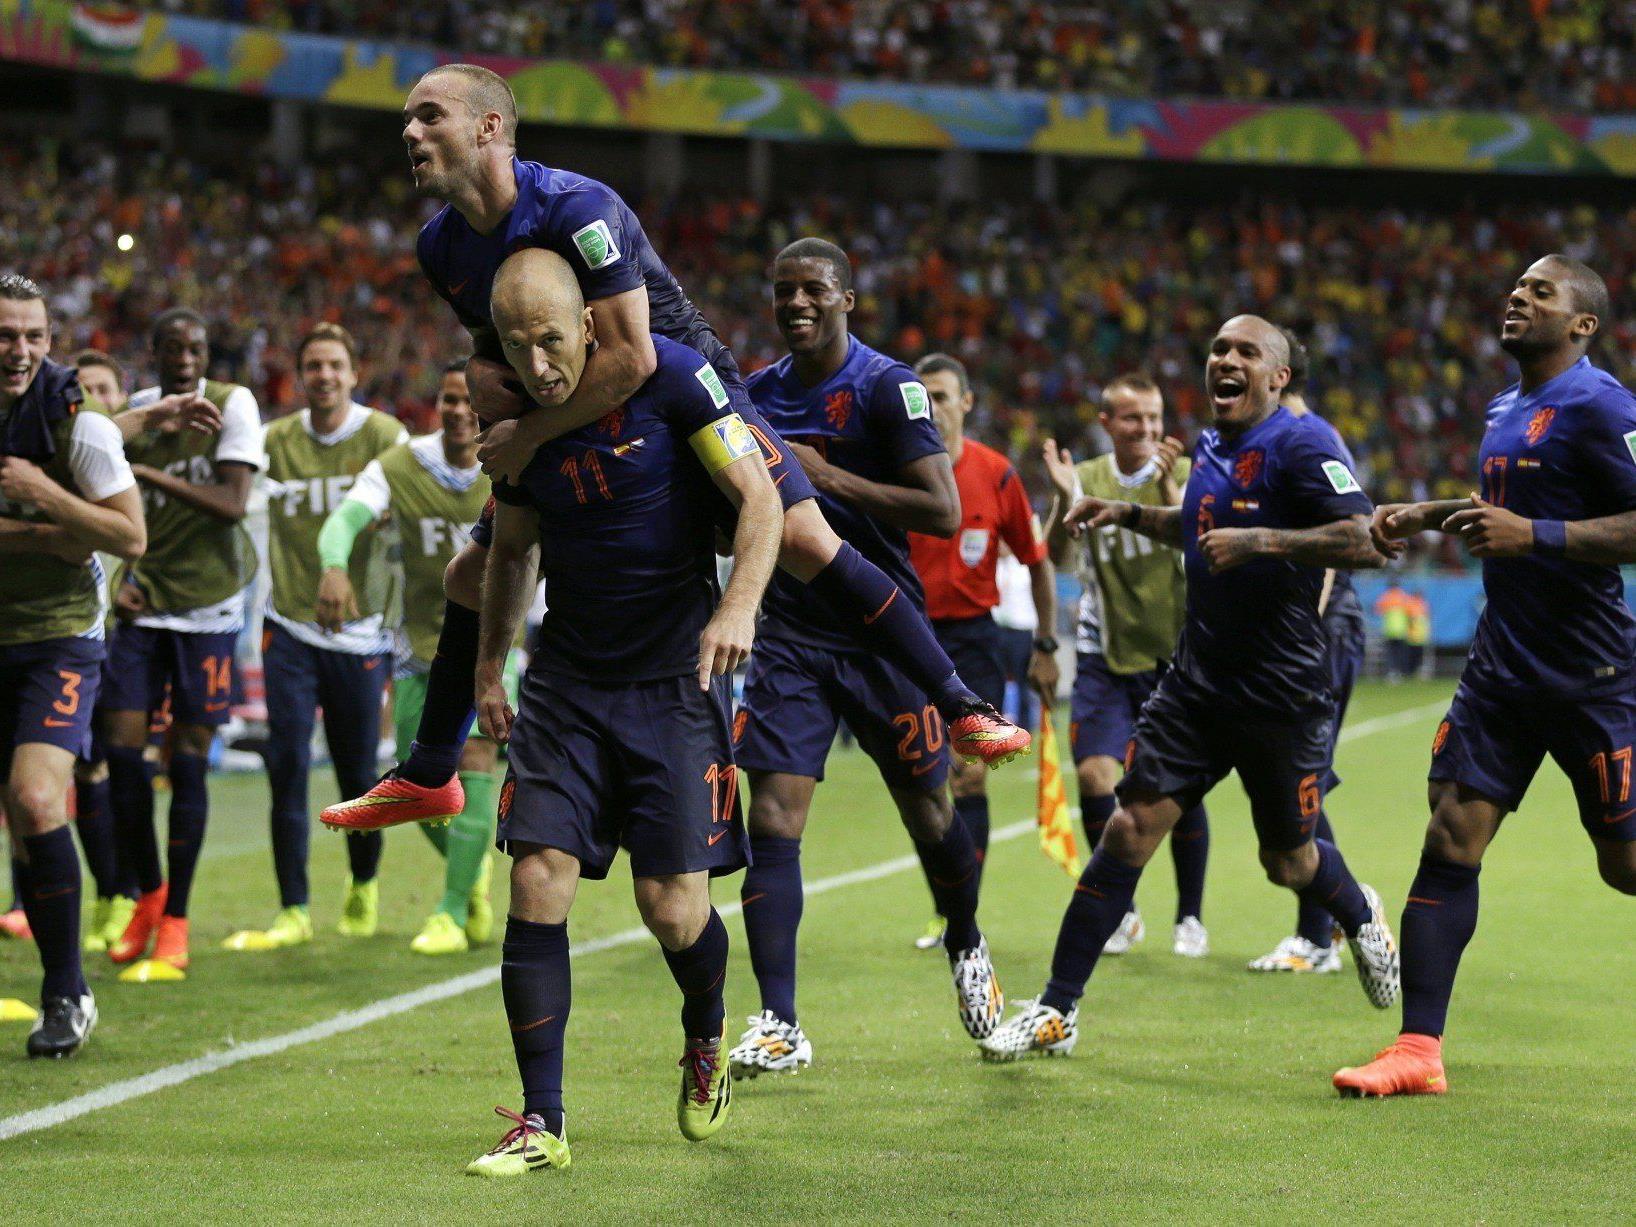 Die Holländer spielten sich in Halbzeit zwei in einen wahren Spielrausch.